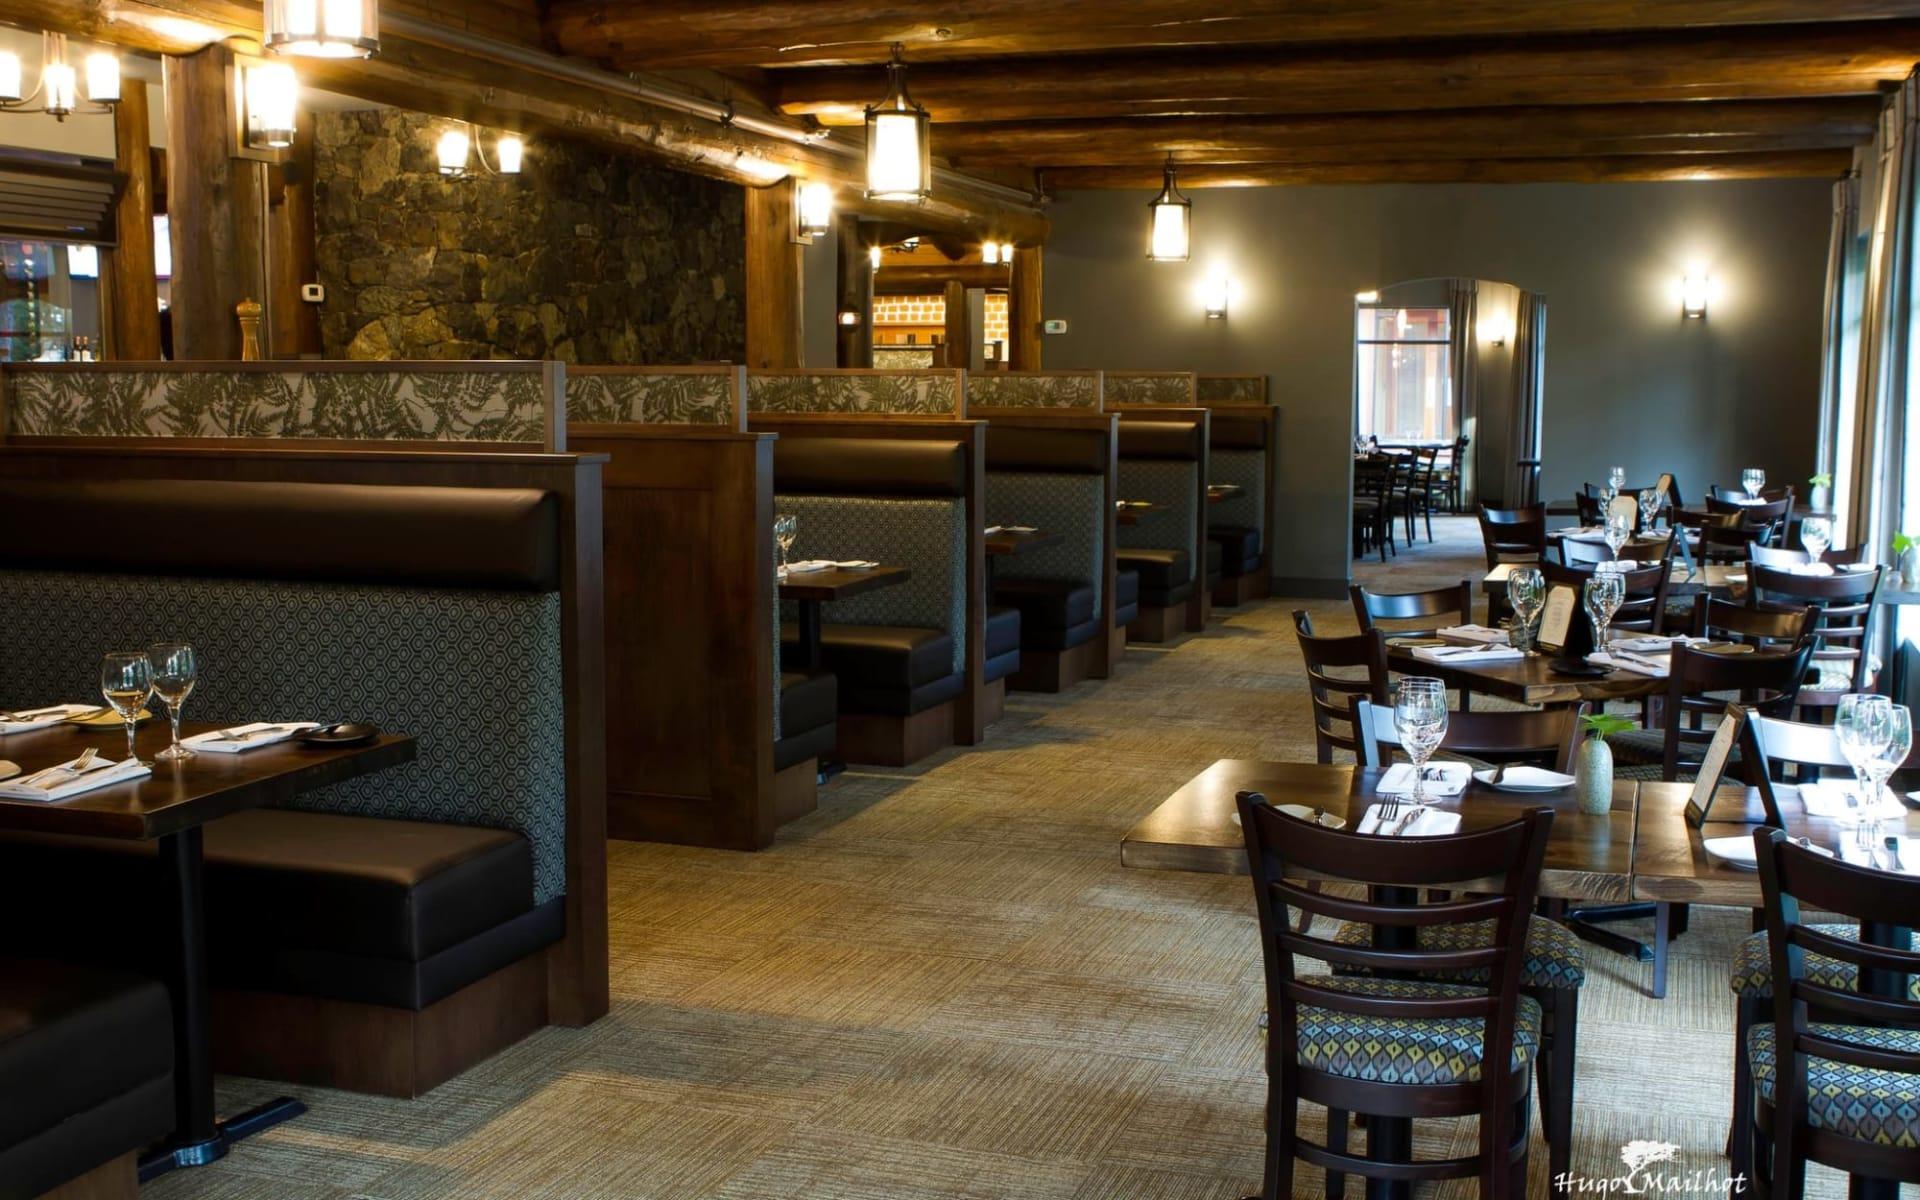 Tigh-Na-Mara Seaside Resort & Spa in Parksville: facilities_TighNaMaraSeasideResort_CedarsRestaurant